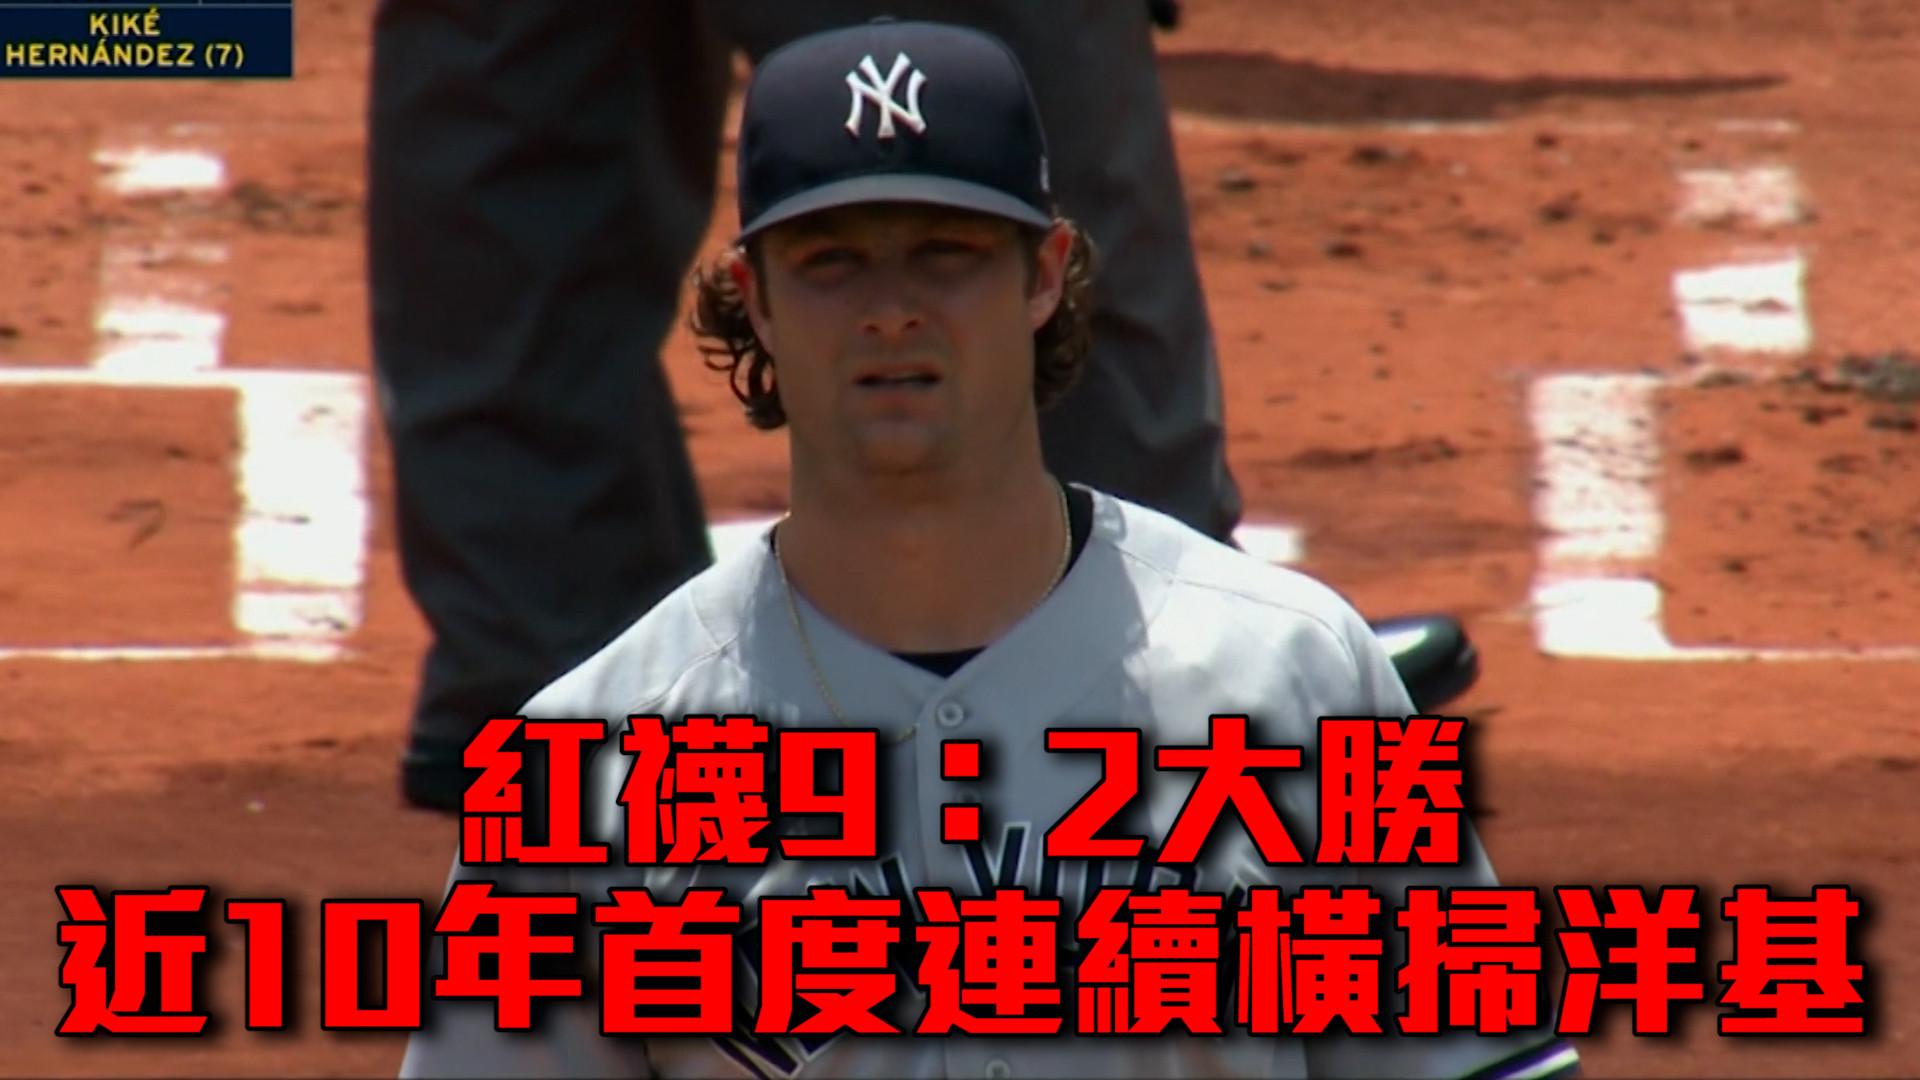 【MLB看愛爾達】紅襪9:2大勝 近10年首度連續橫掃洋基 06/28